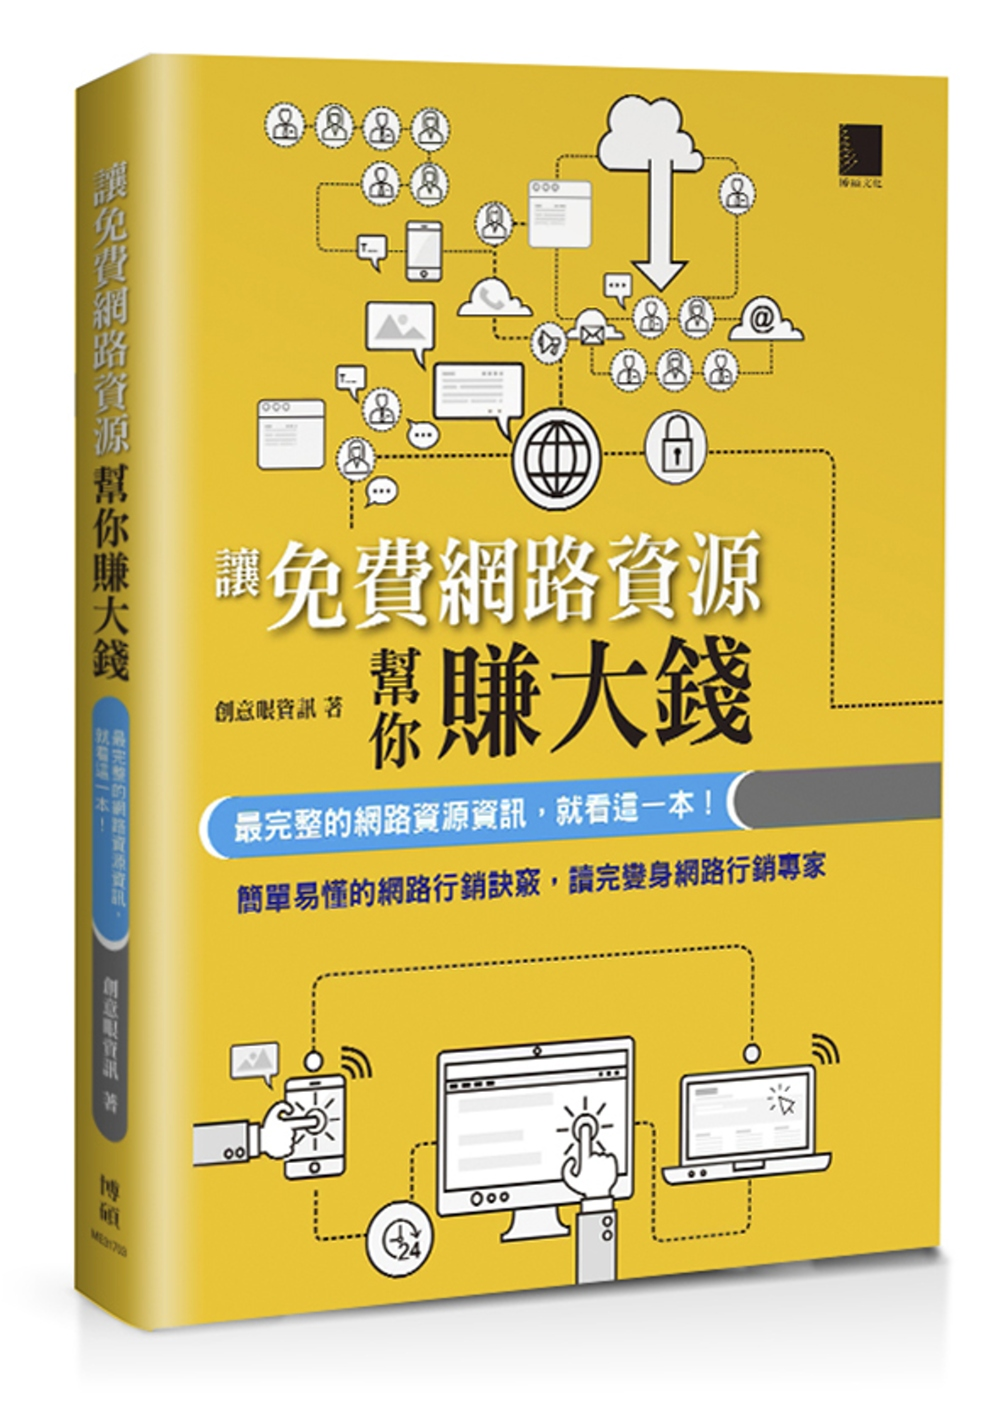 讓免費網路資源行銷幫你賺大錢:最完整的網路資源資訊,就看這一本!